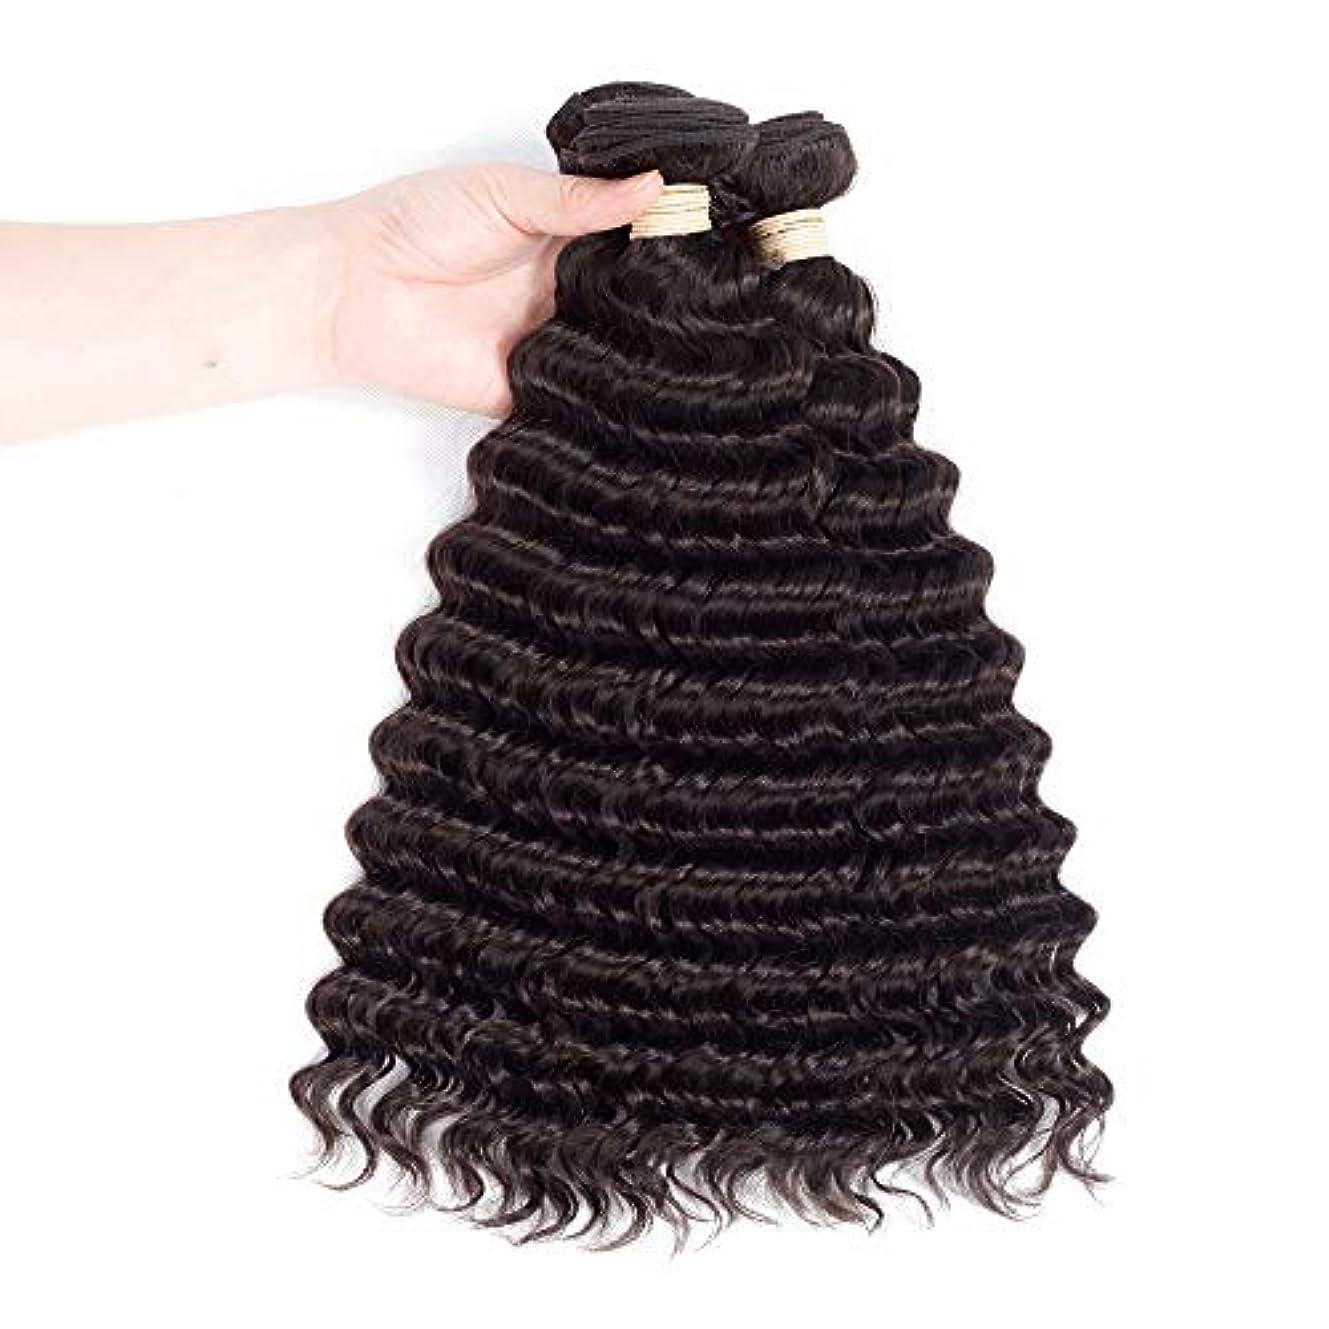 ポータルチョーク脱臼するHOHYLLYA 人間の髪の毛の束ブラジルディープウェーブ本物の人間の髪の毛の織り方#2ダークブラウン(8